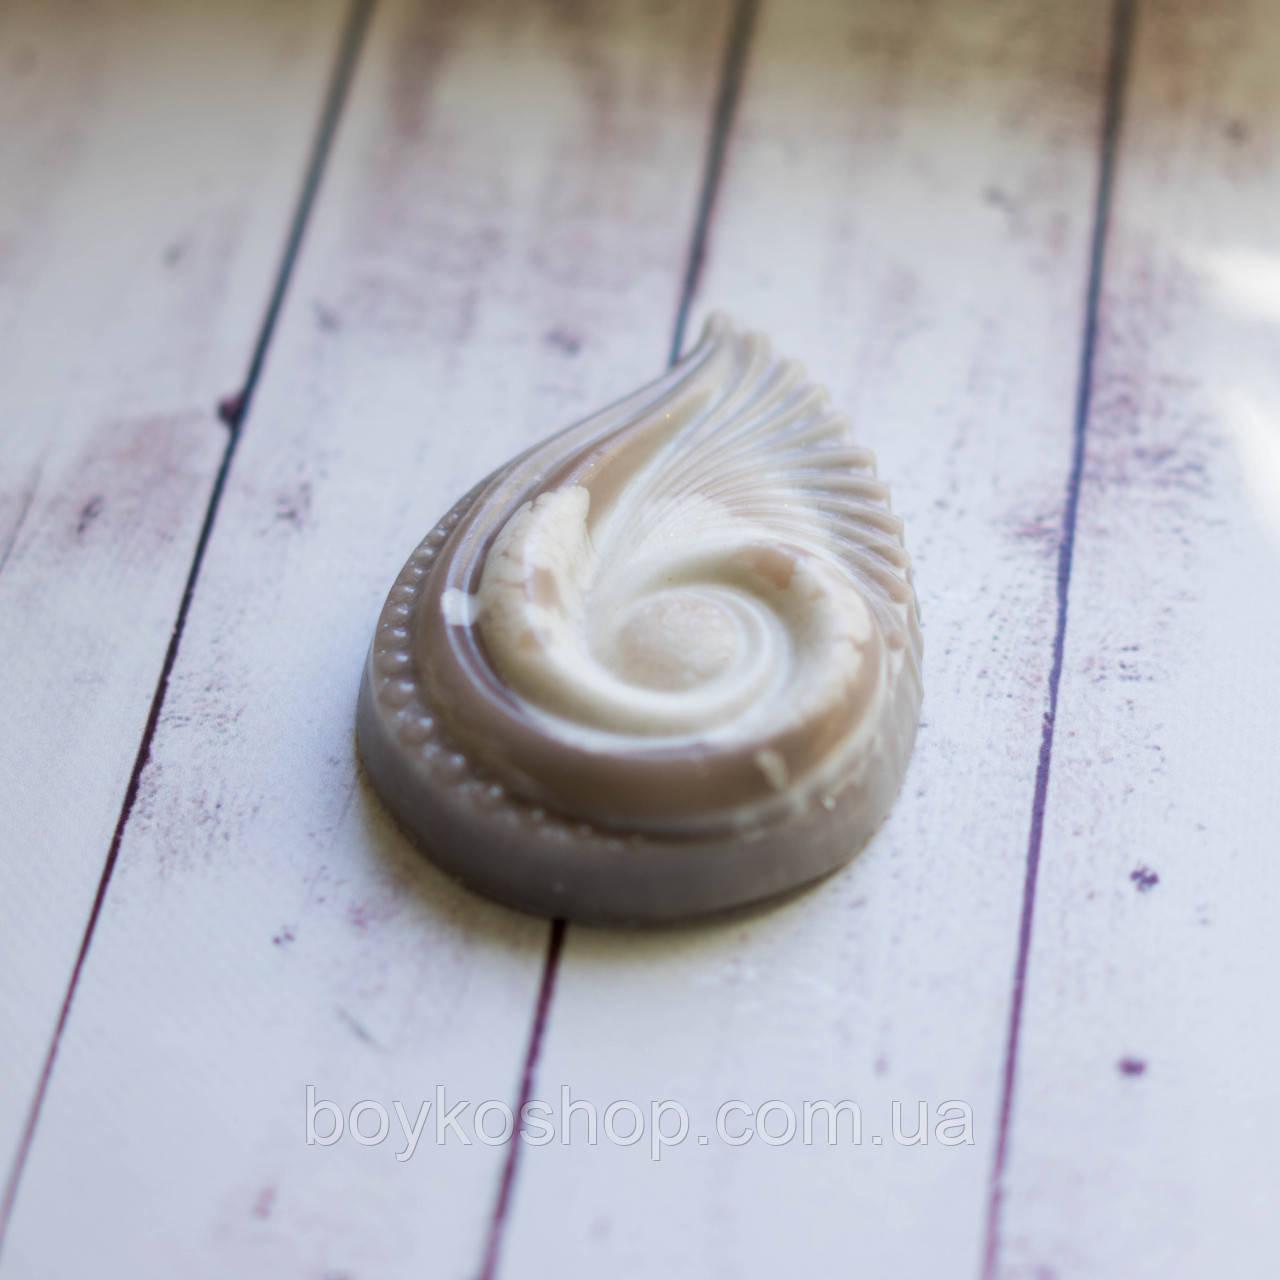 Мыло ручной работы морская ракушка